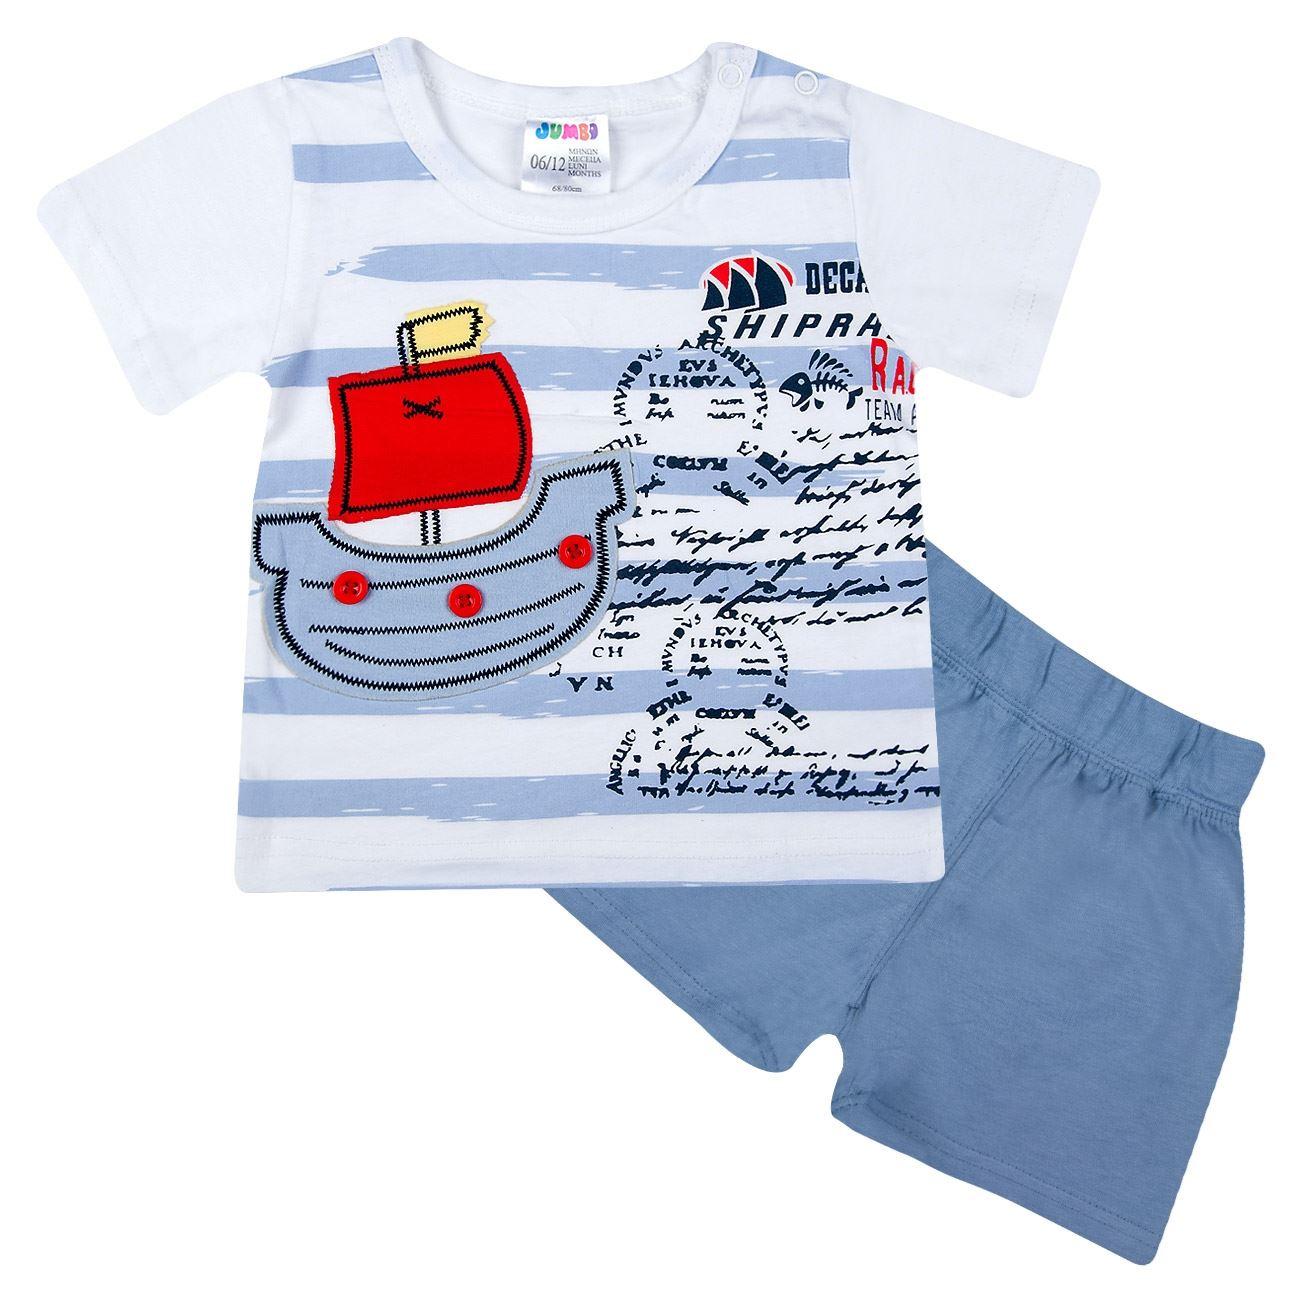 Σετ Παιδικό Λευκό Μπλε Ριγέ Καραβάκι   Ρούχα Καλοκαιρινά 6-12 Μηνών ... 0c585e9c67c